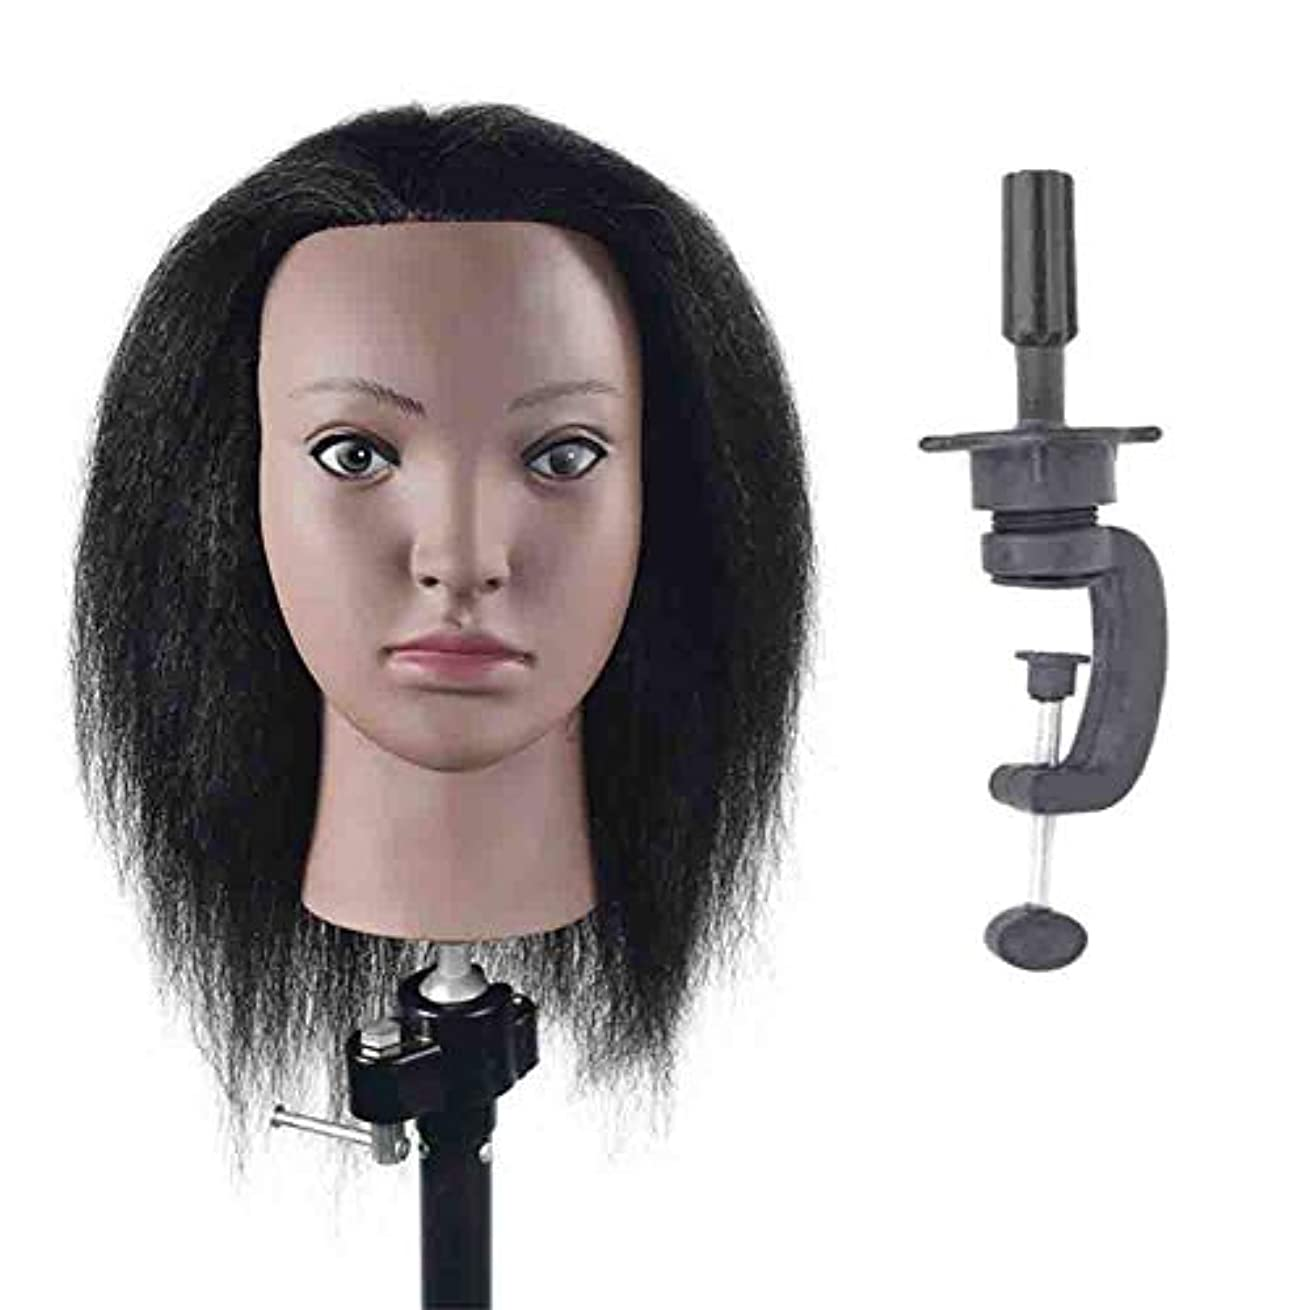 人質風変わりな母性練習ディスク髪編組ヘアモデル理髪店スクールティーチングヘッドロングかつら美容マネキンヘッド